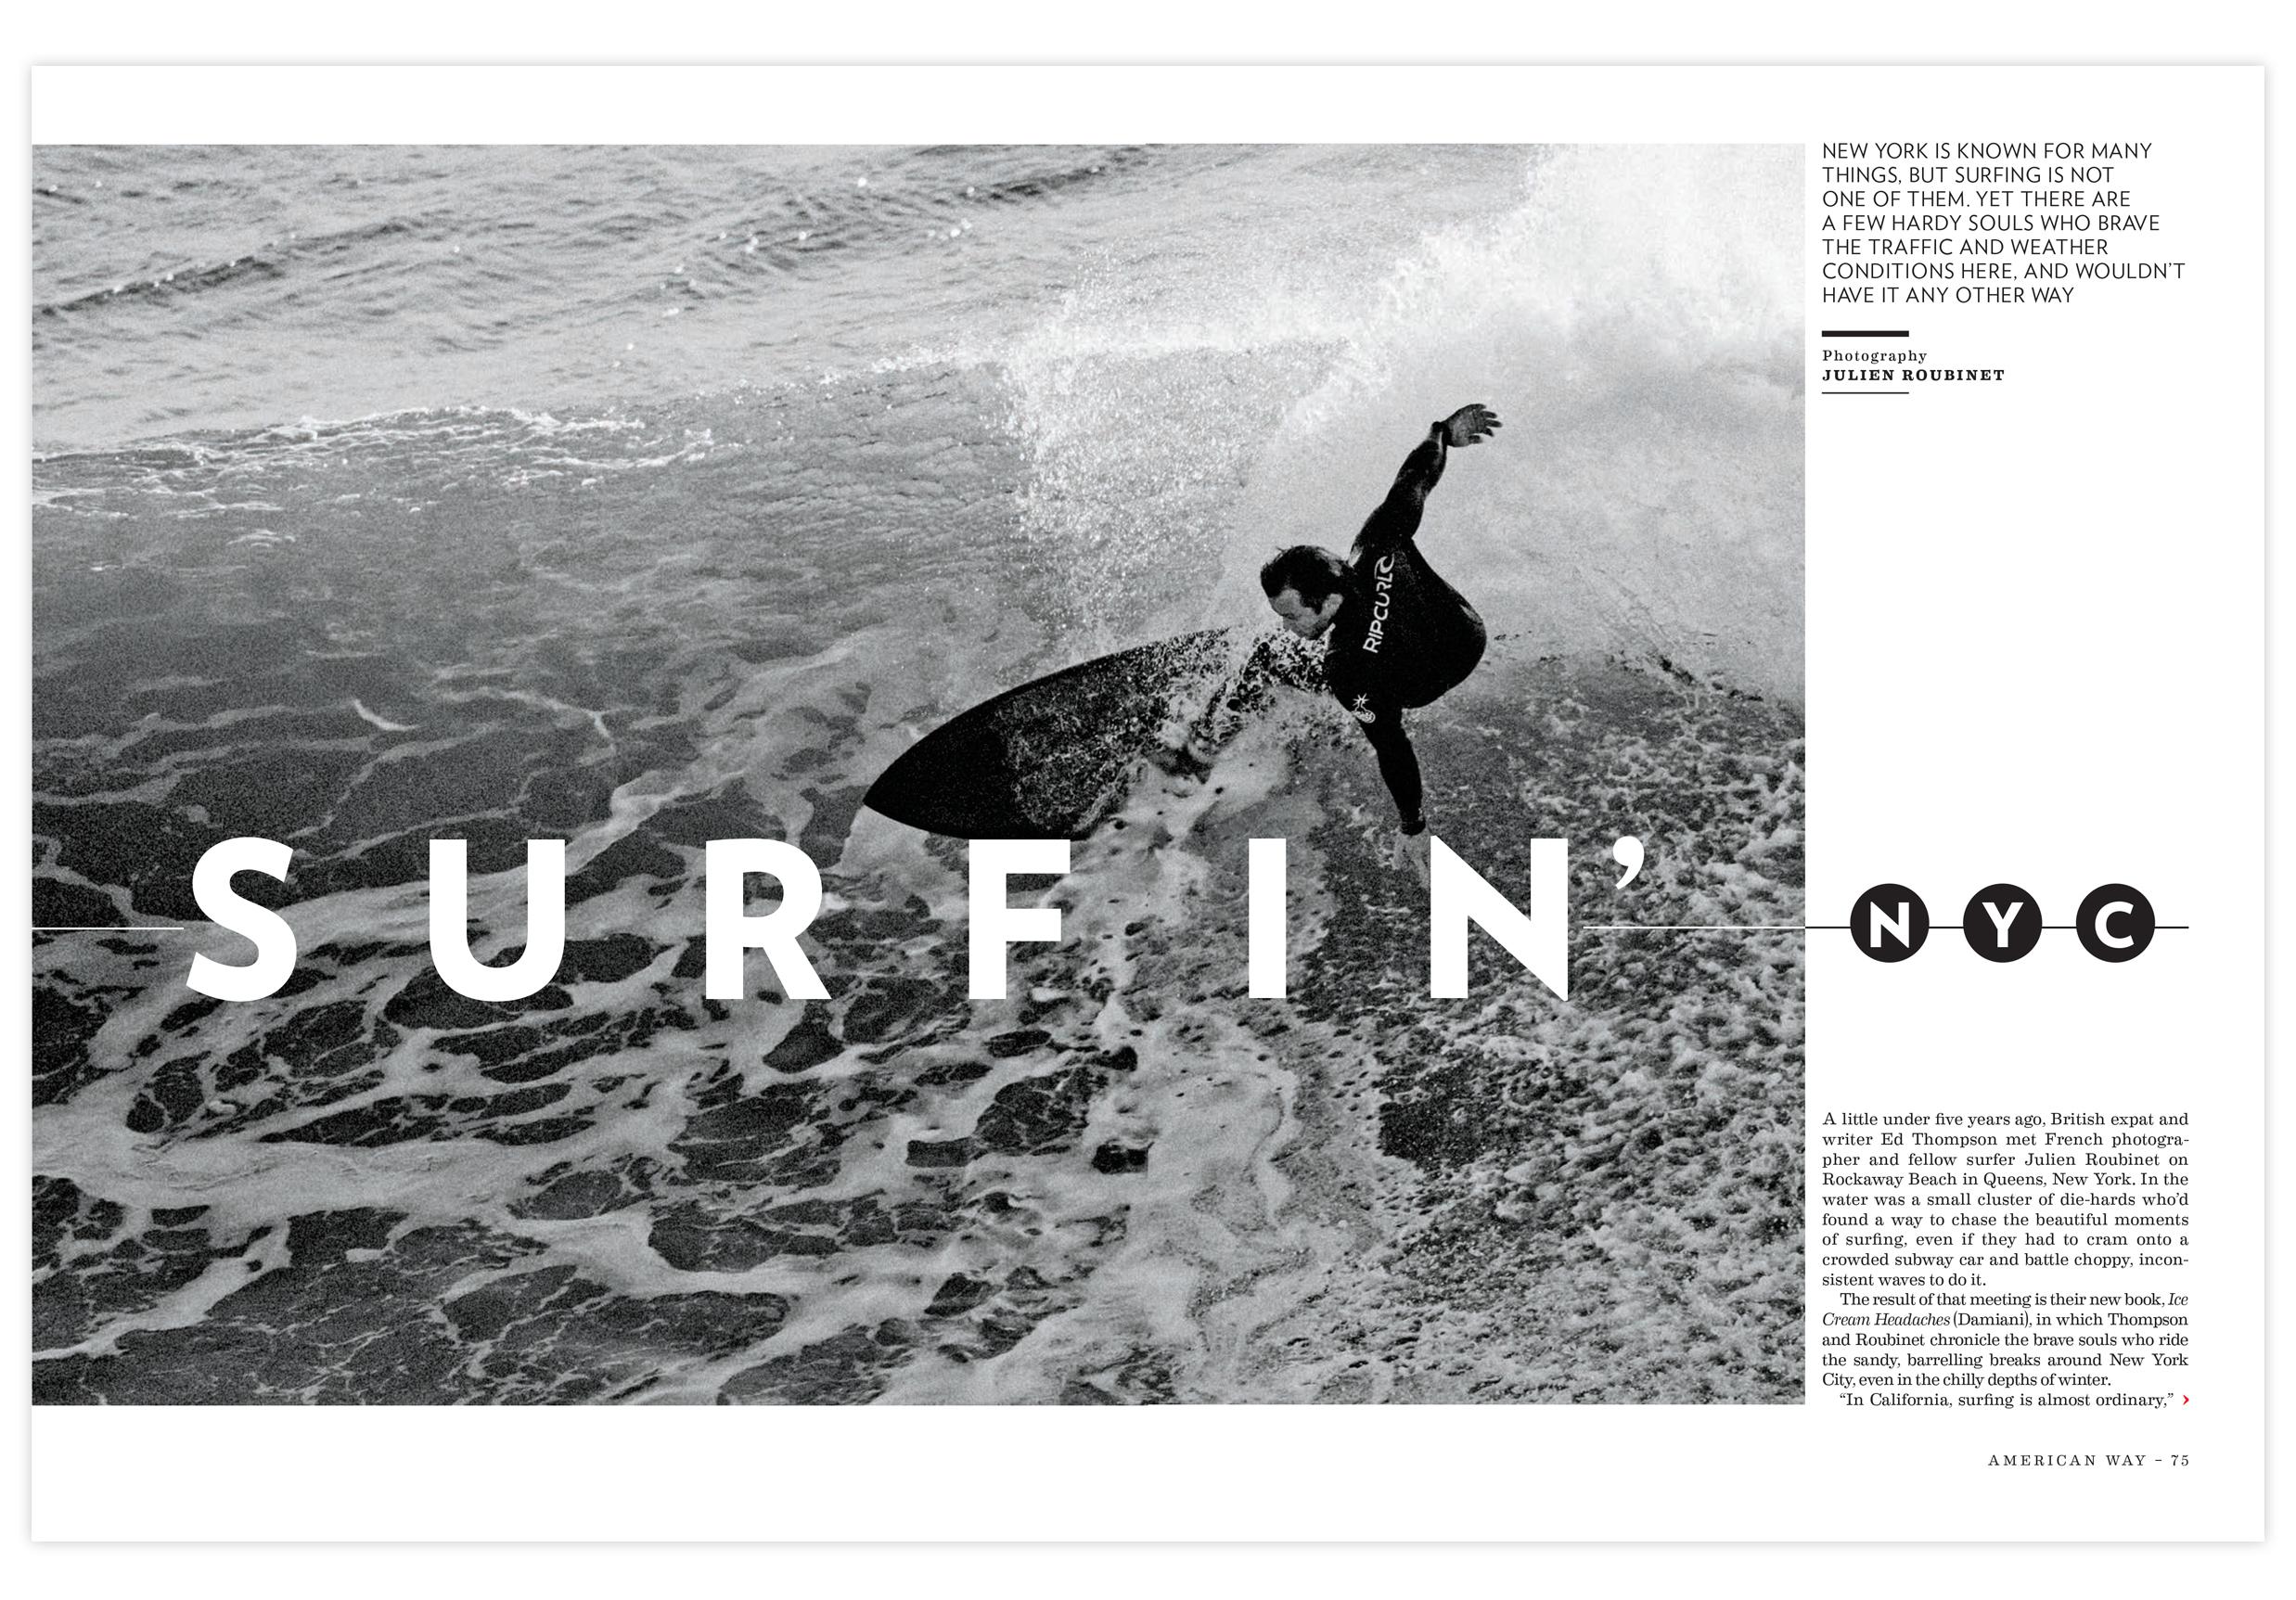 surfin1.jpg